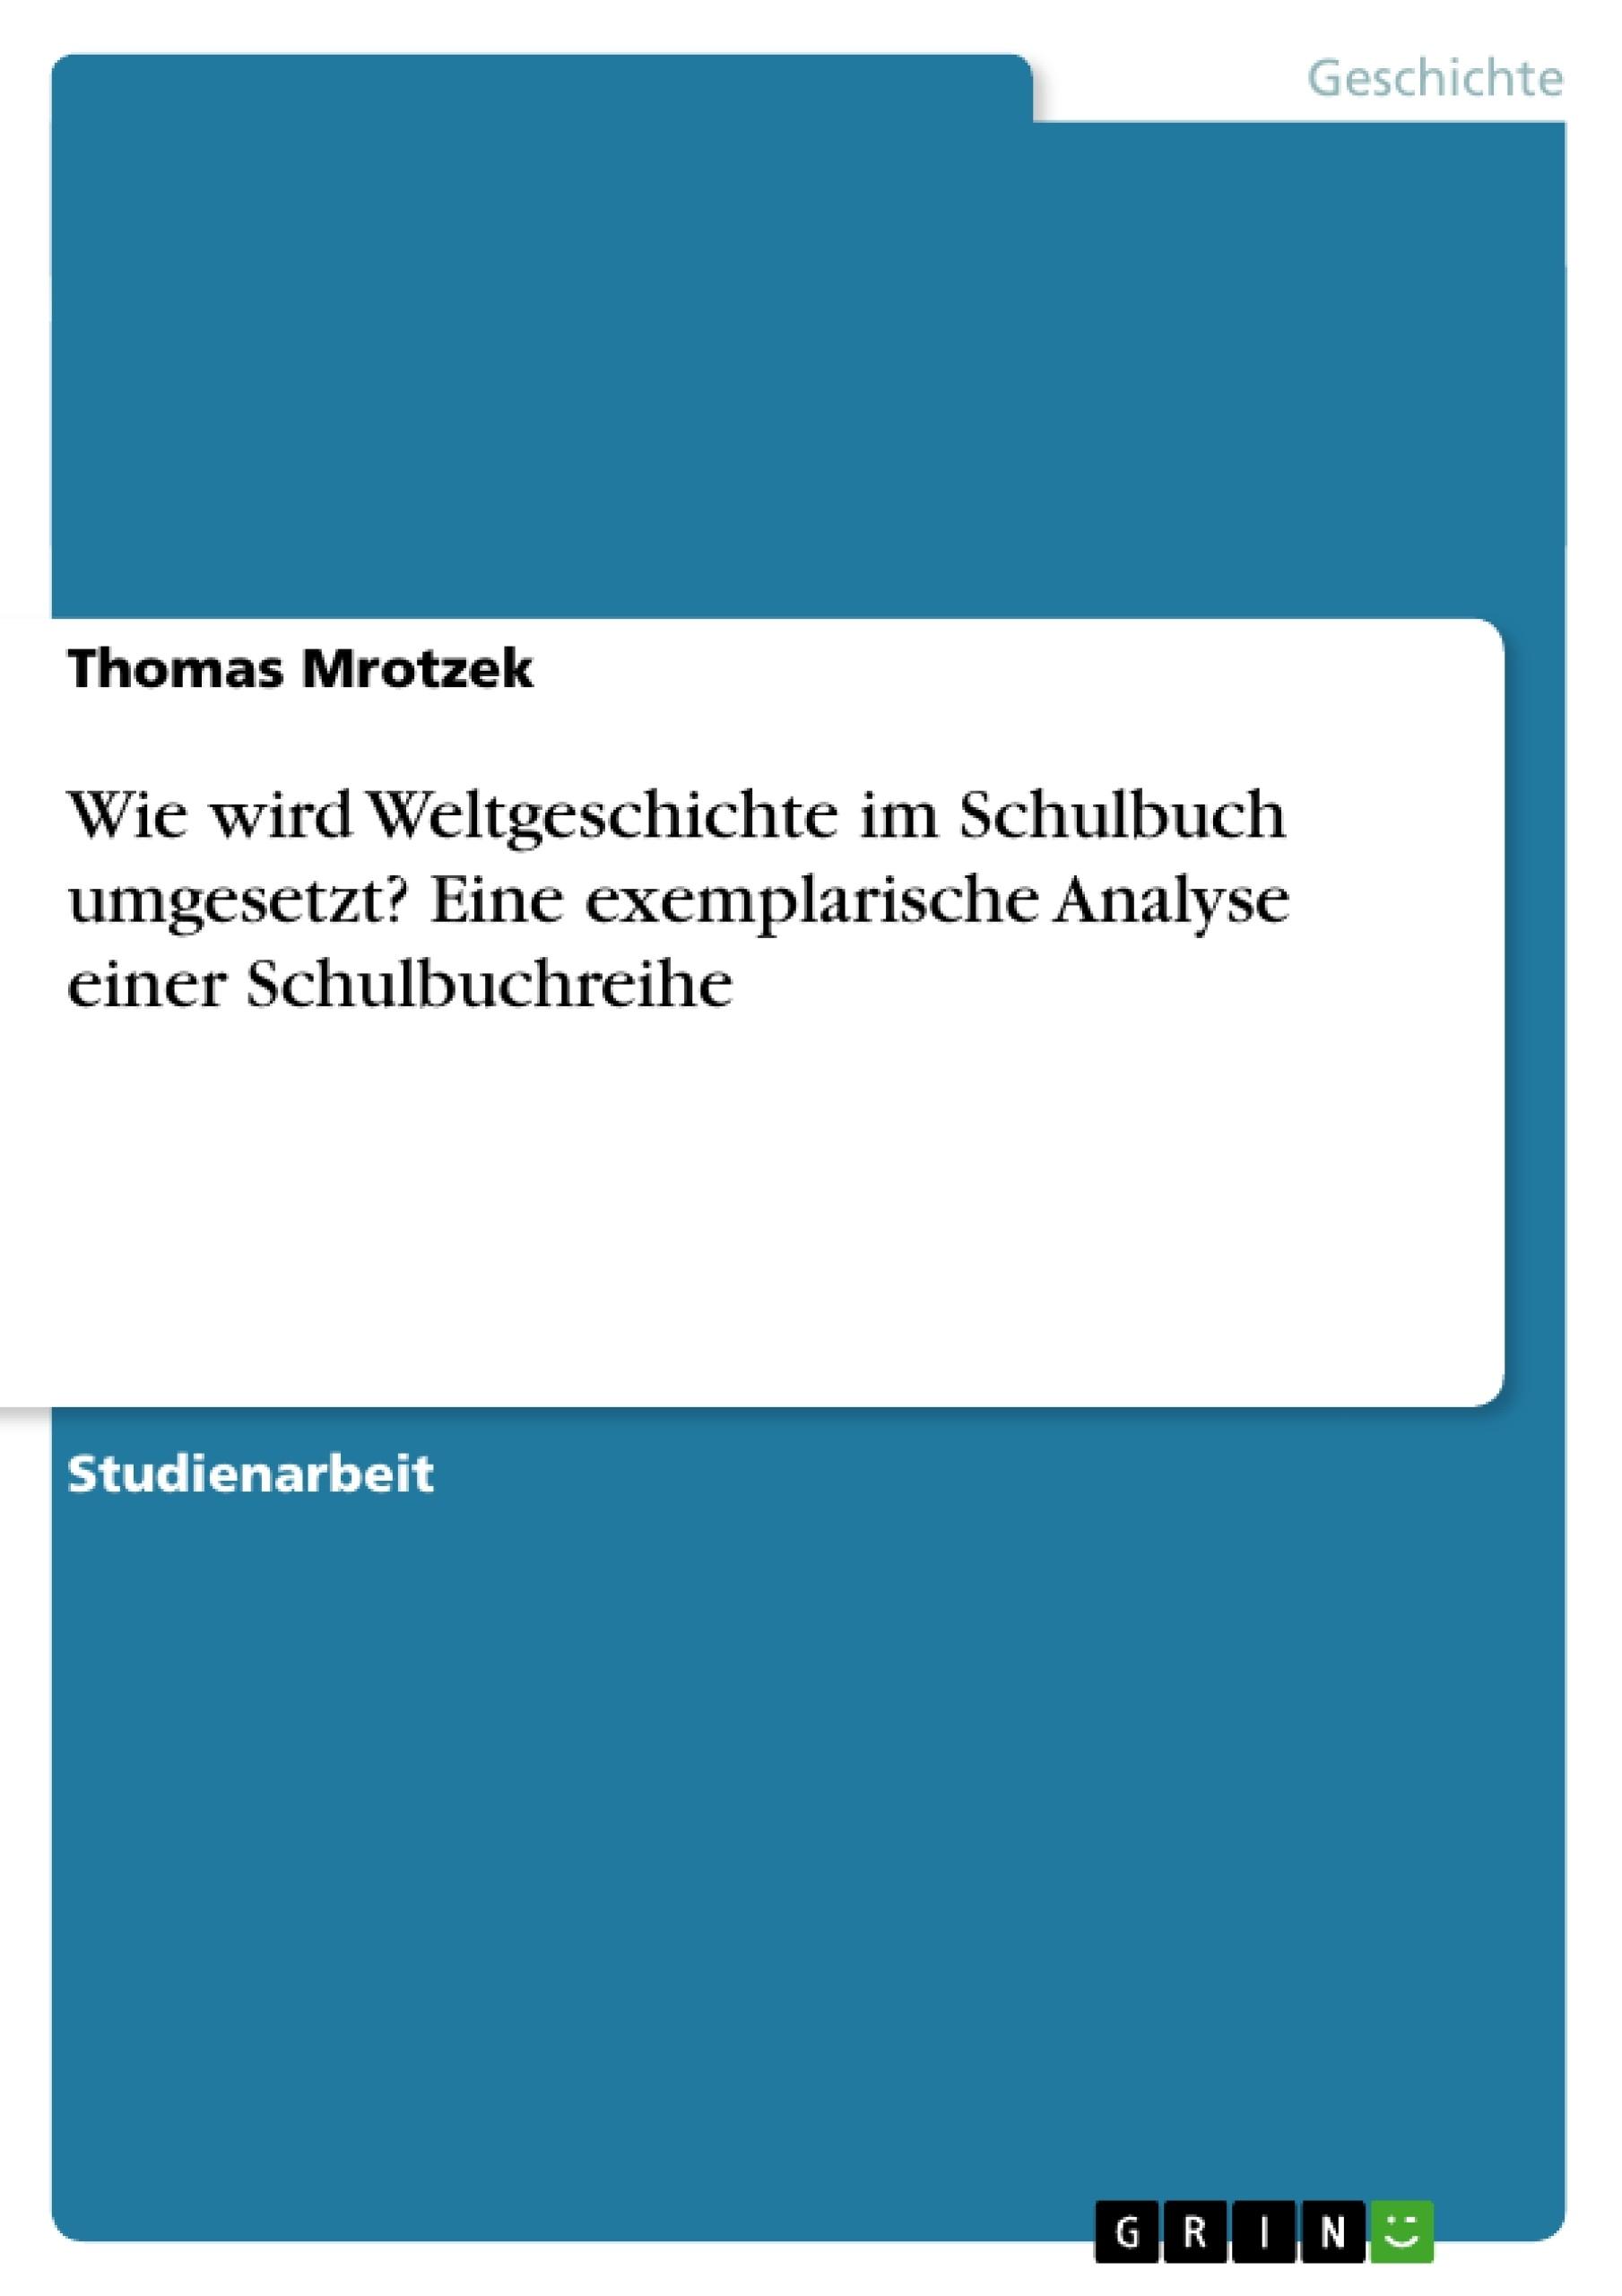 Titel: Wie wird Weltgeschichte im Schulbuch umgesetzt? Eine exemplarische Analyse einer Schulbuchreihe